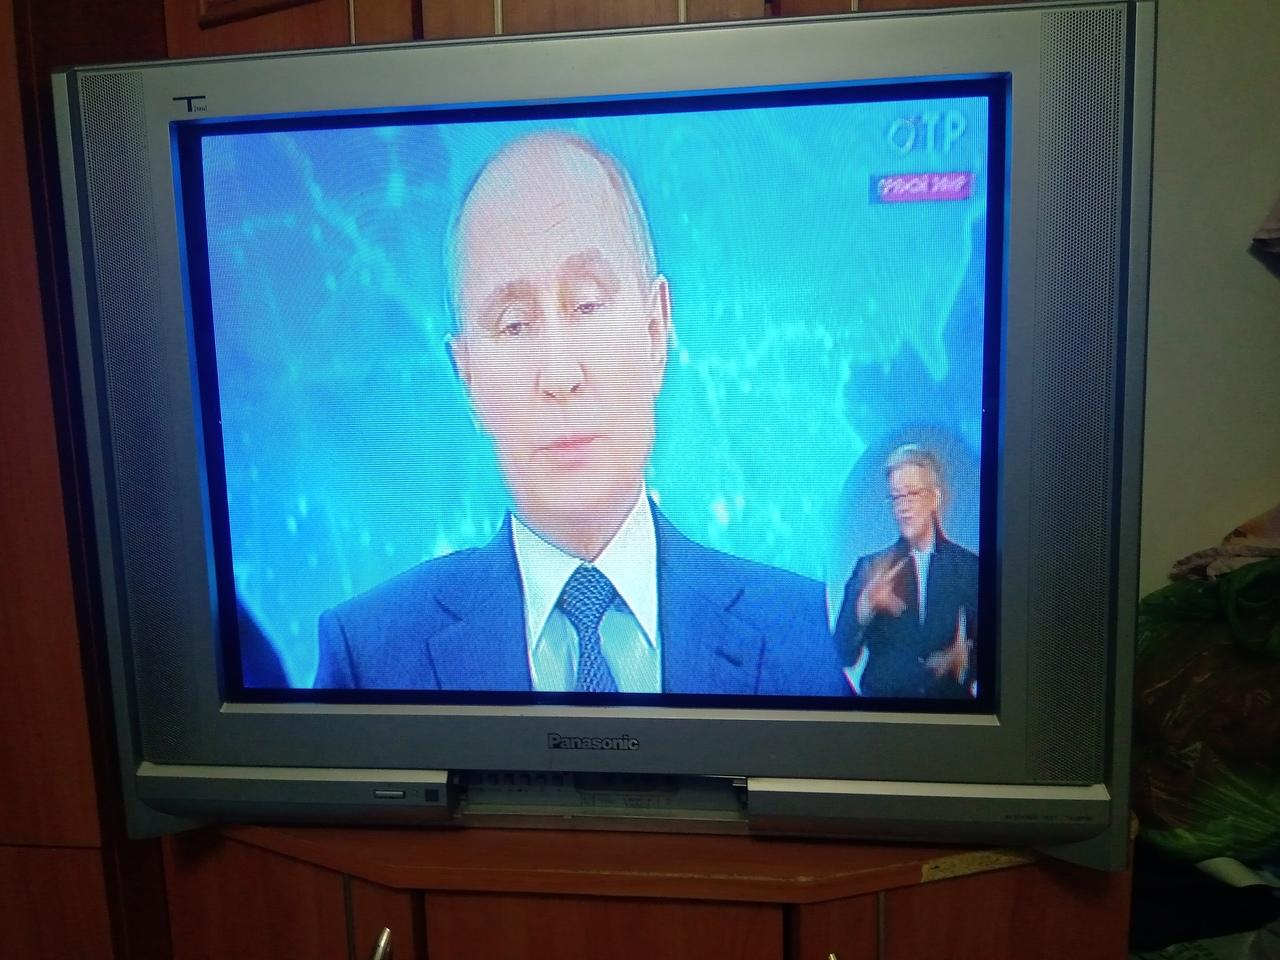 Фото Путин на экране: как котики, депутаты и дольщики в Новосибирске смотрят большую пресс-конференцию президента 19